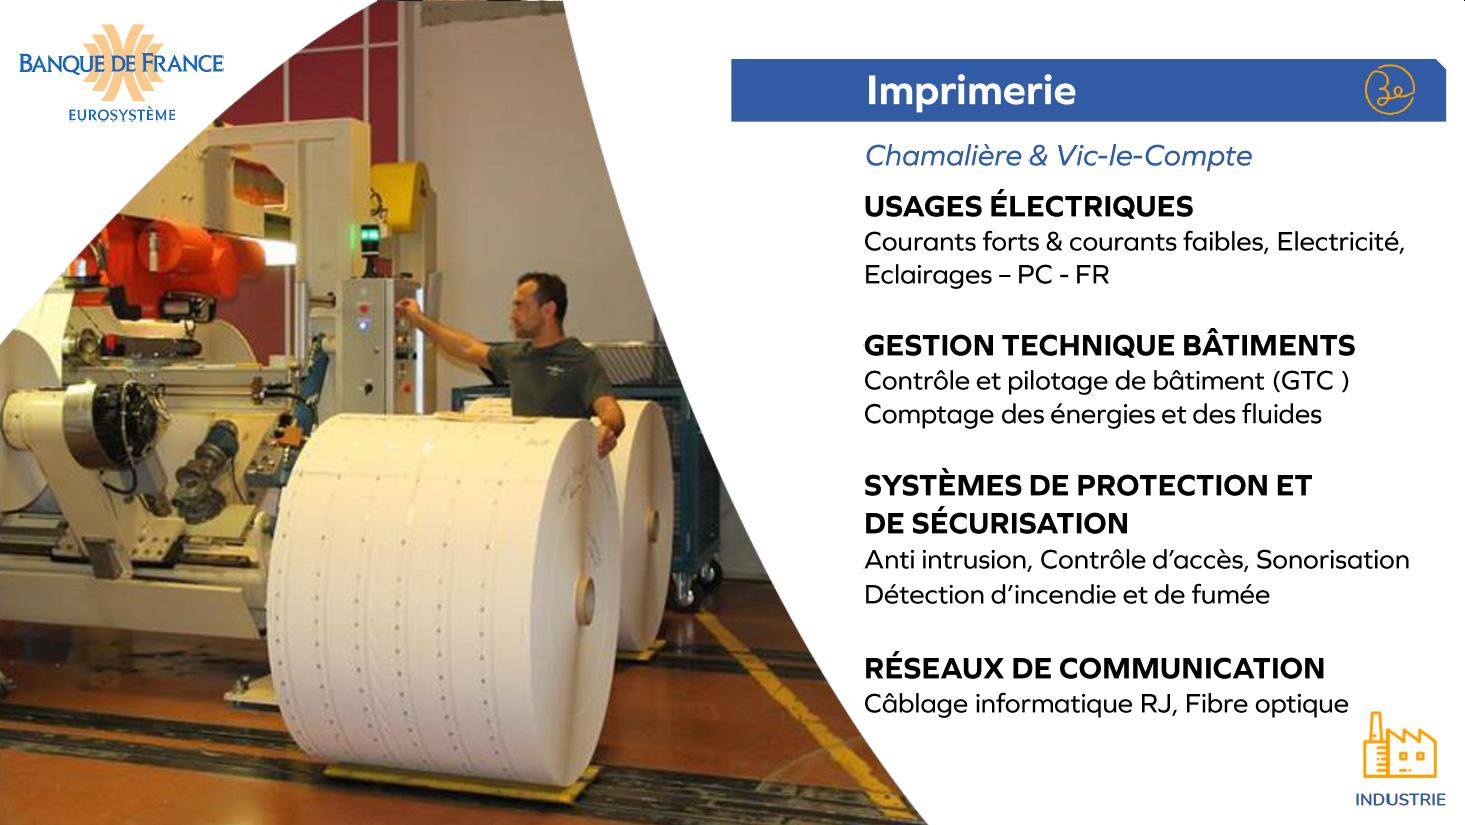 Banque de France - Industrie